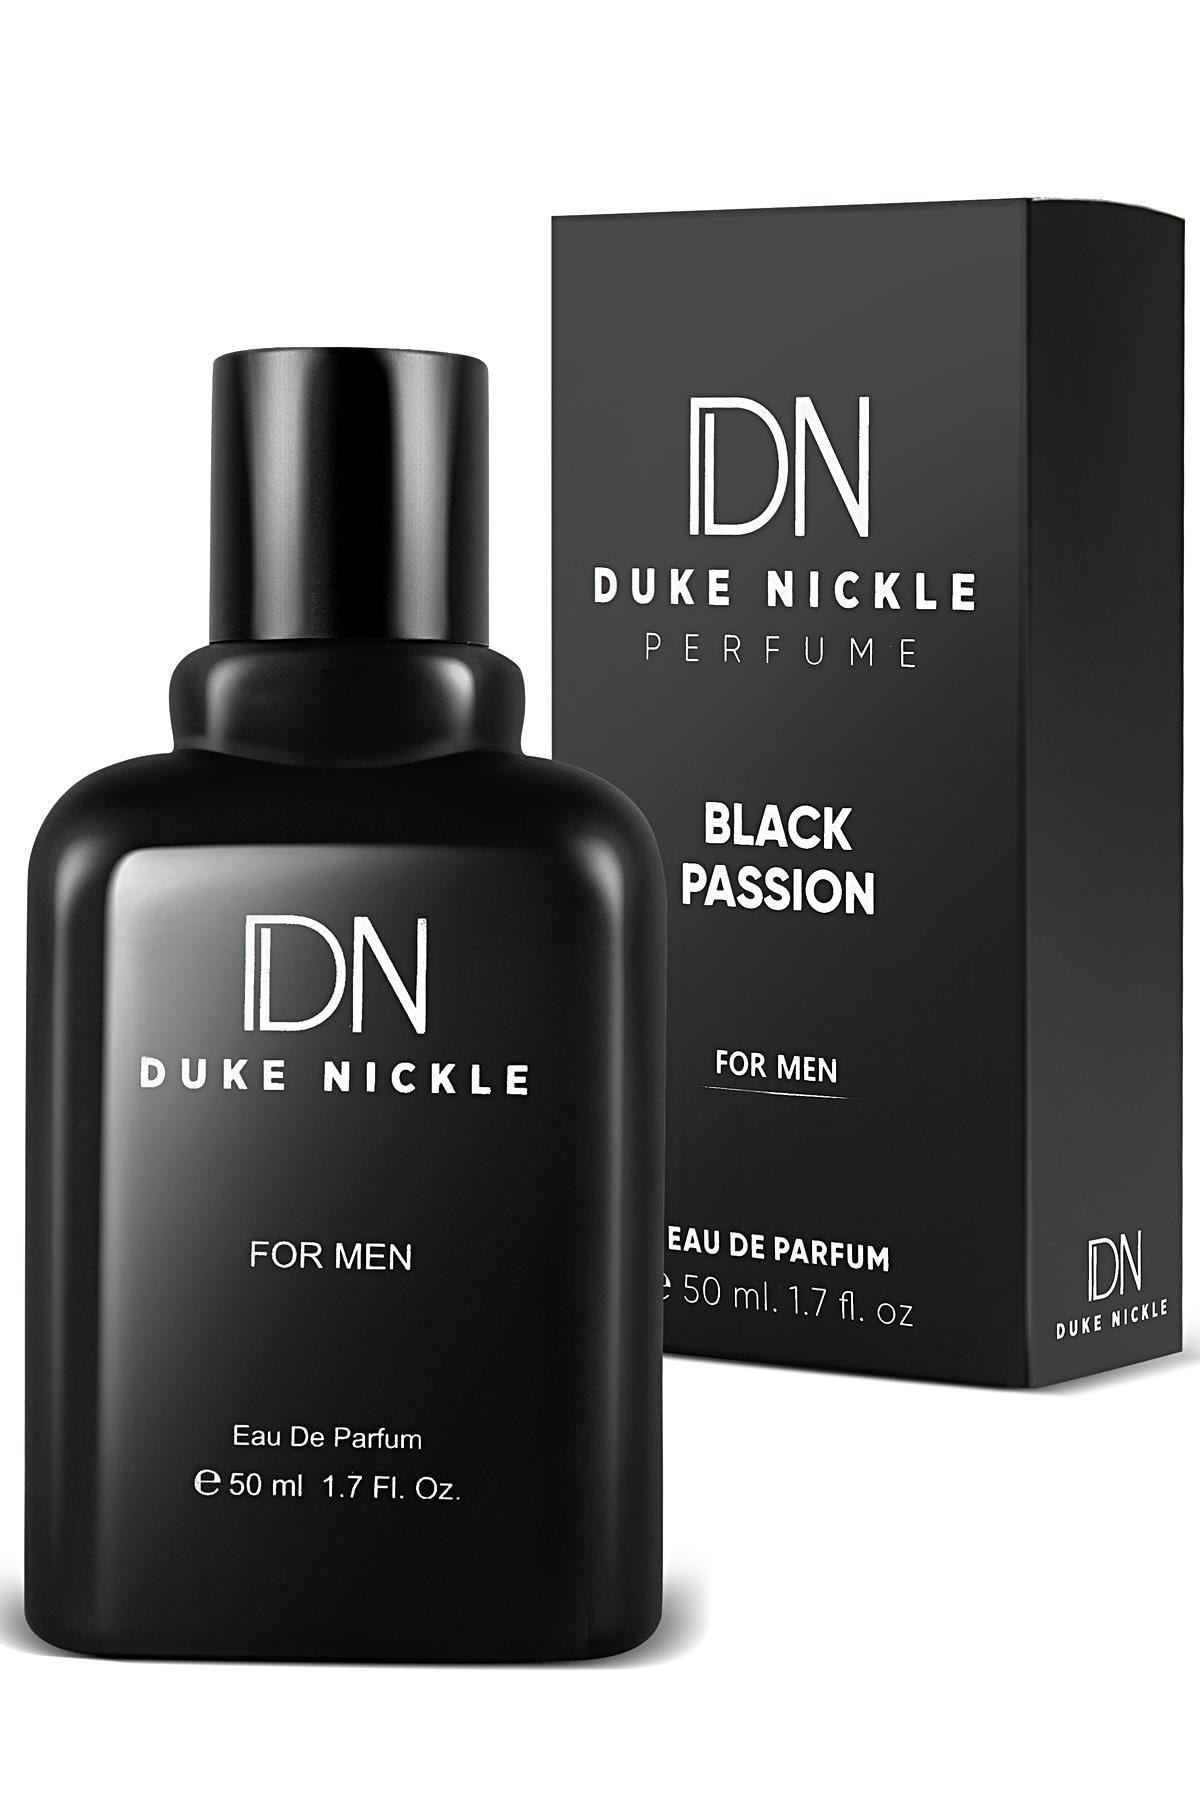 Duke Nickle Black Passion Erkek Parfum 50 Ml Dnep21001 1